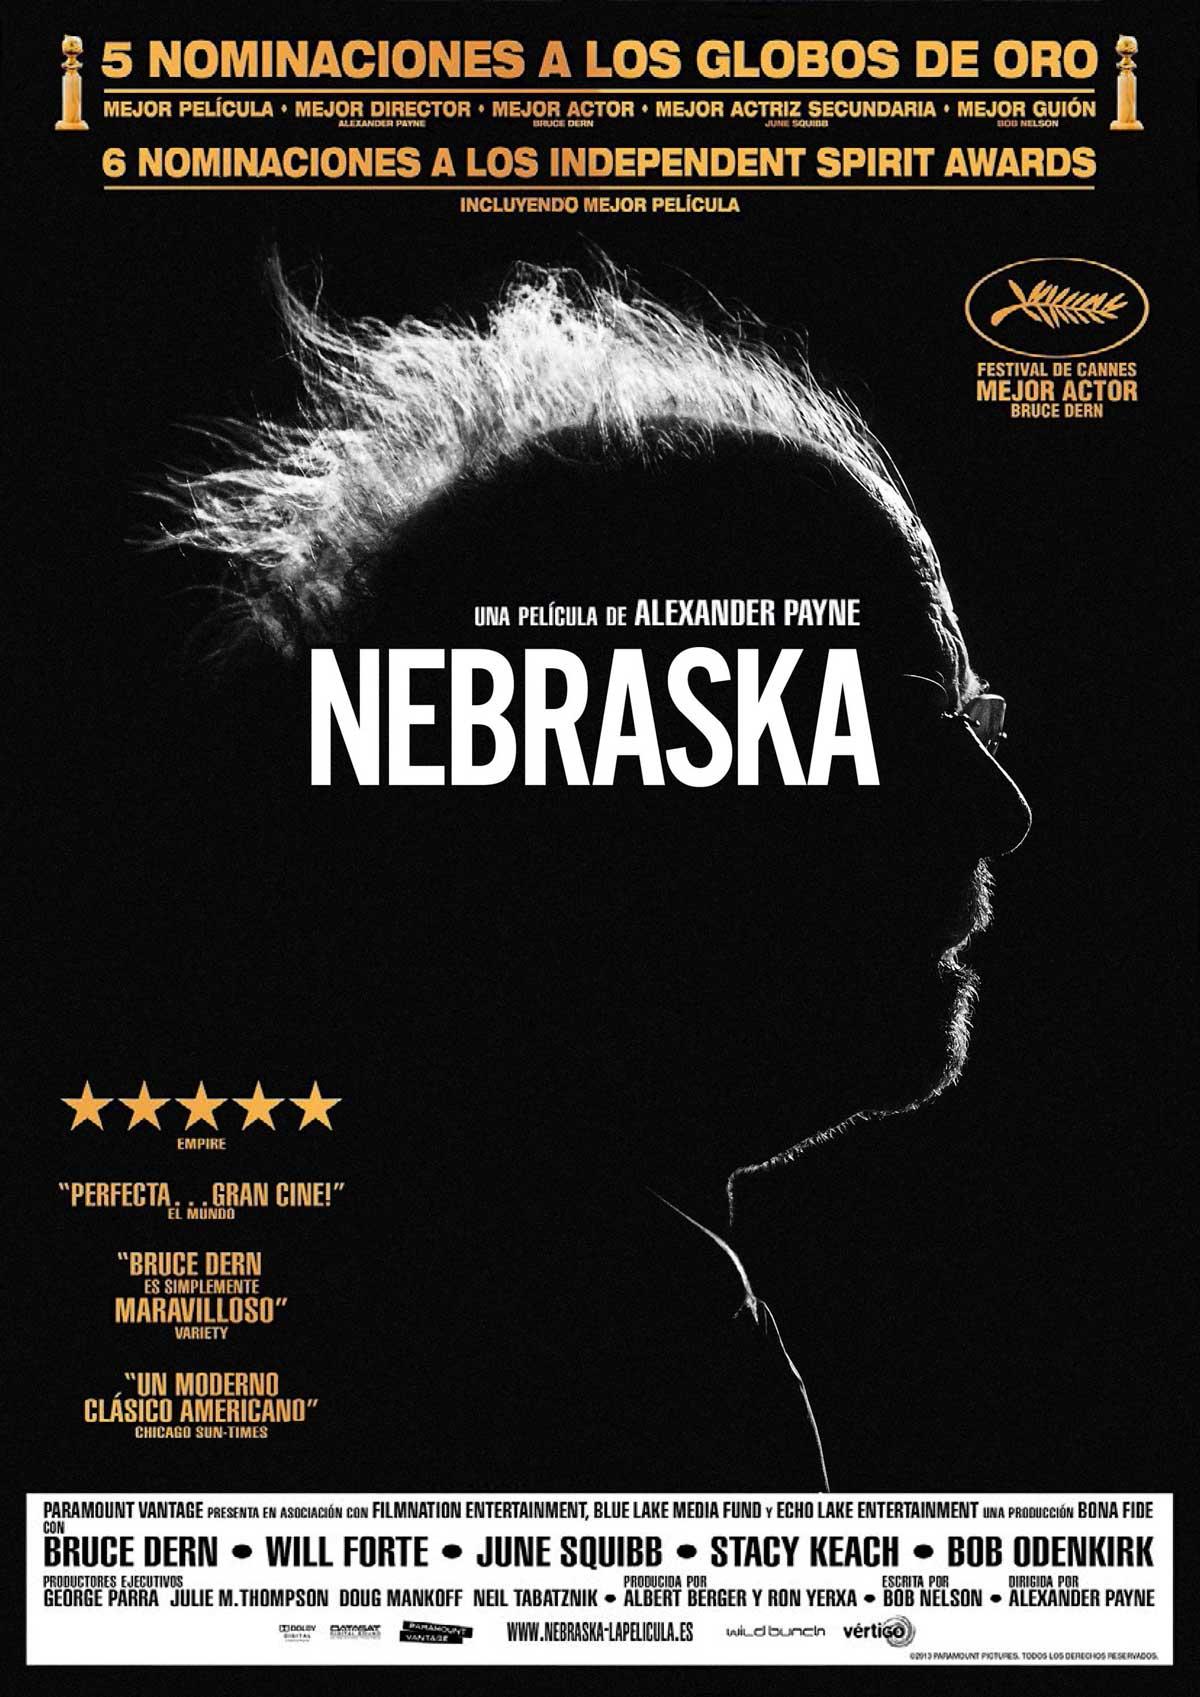 Nebraska - Película 2013 - SensaCine.com